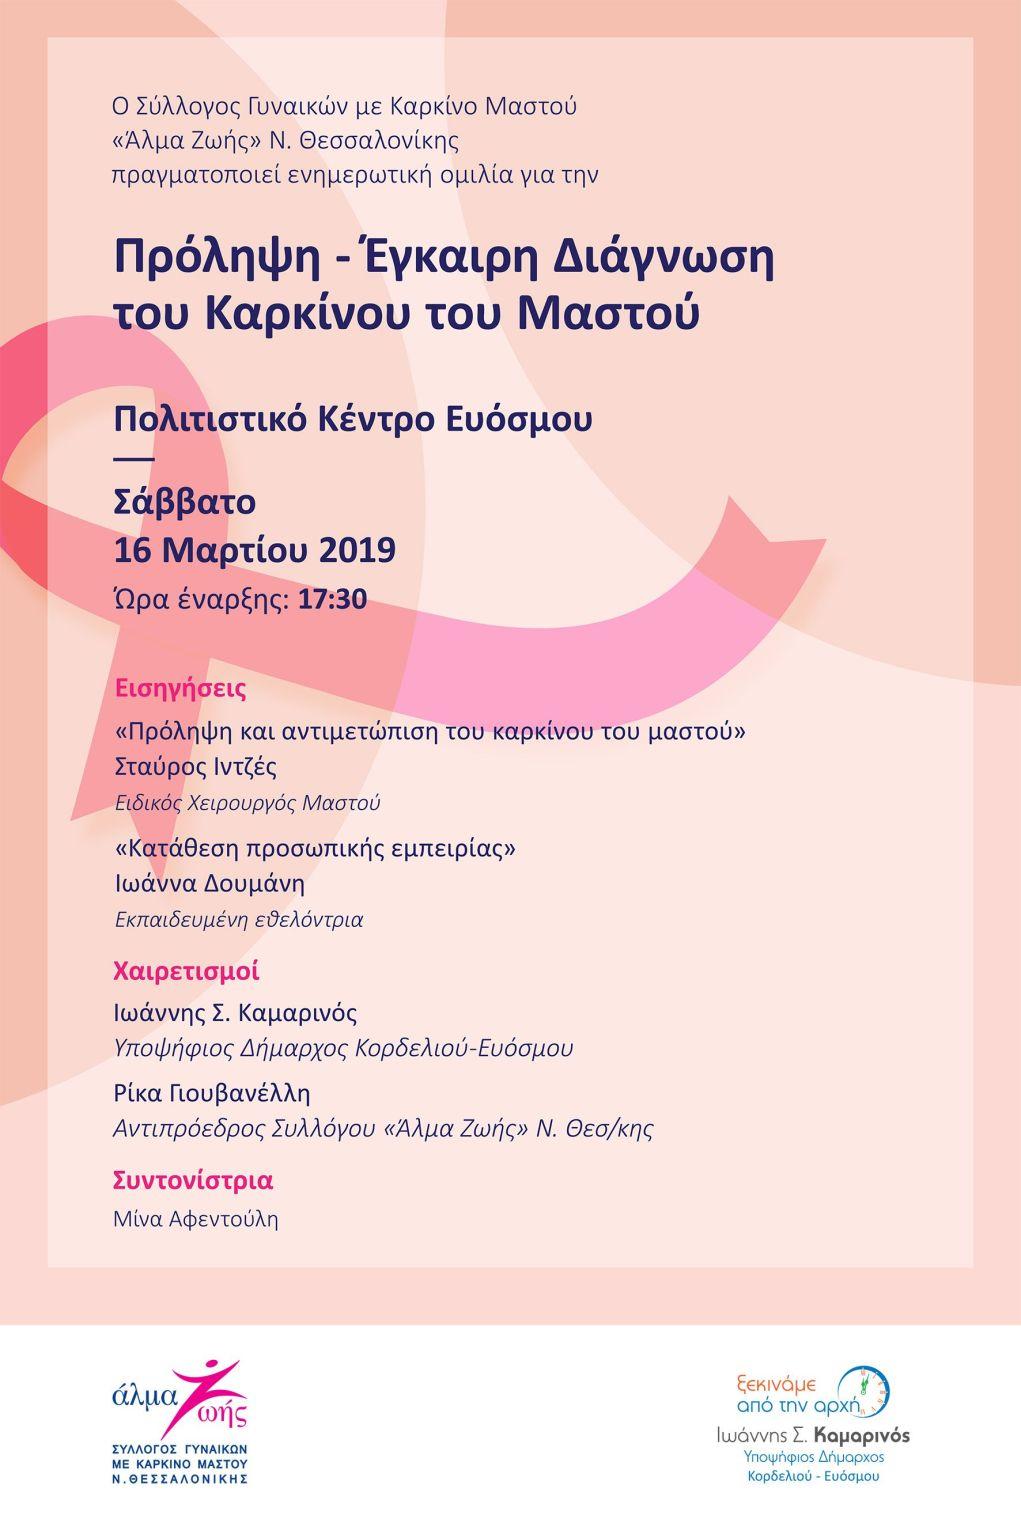 Εκδήλωση για την πρόληψη του καρκίνου του μαστού στον Εύοσμο